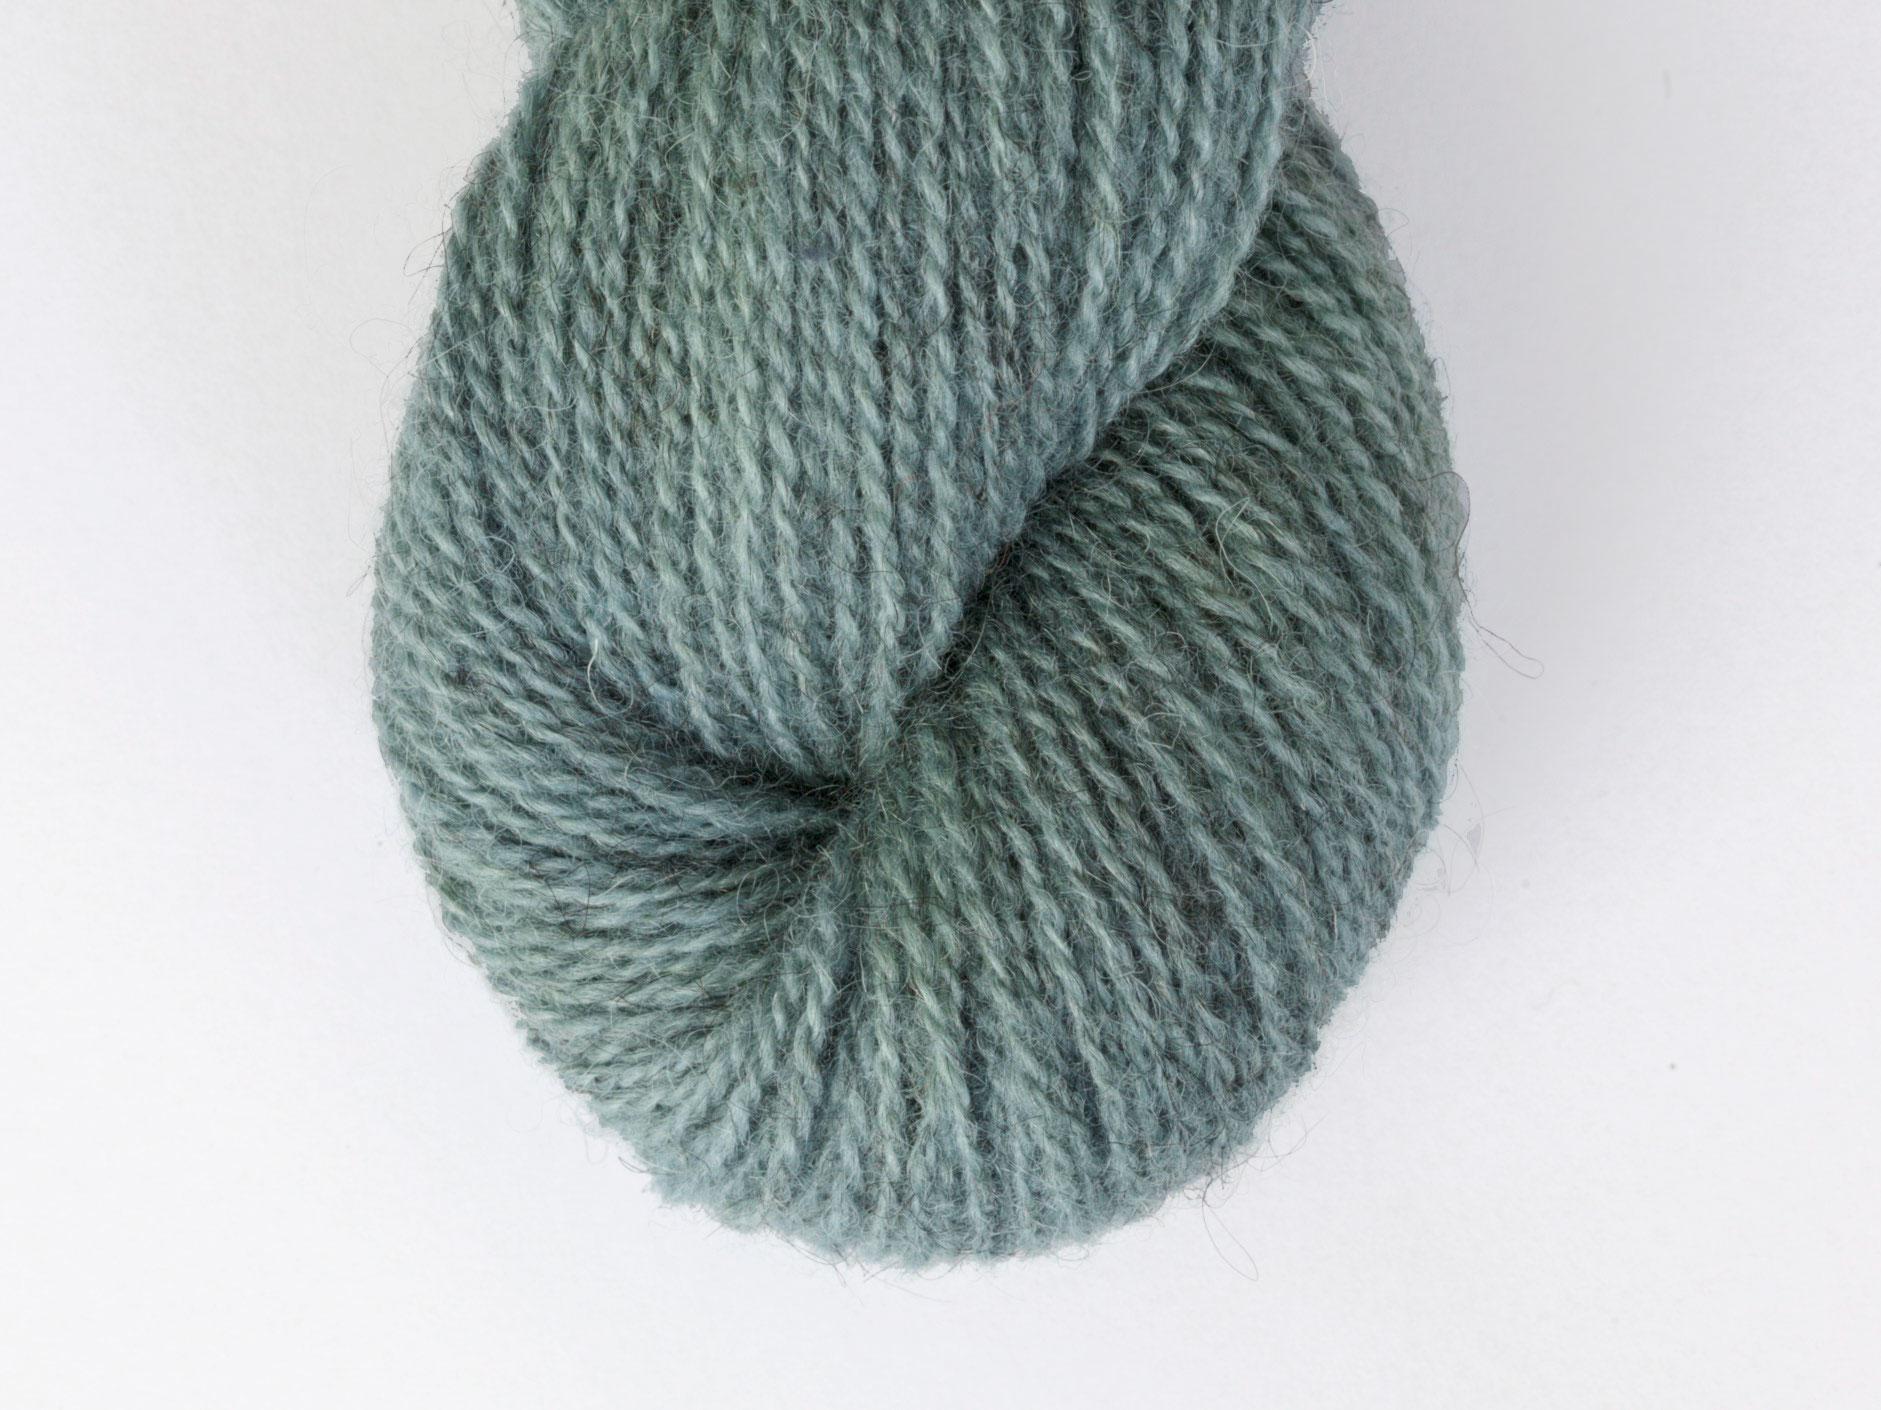 Bohus Stickning garn yarn BS 68 turquoise wool